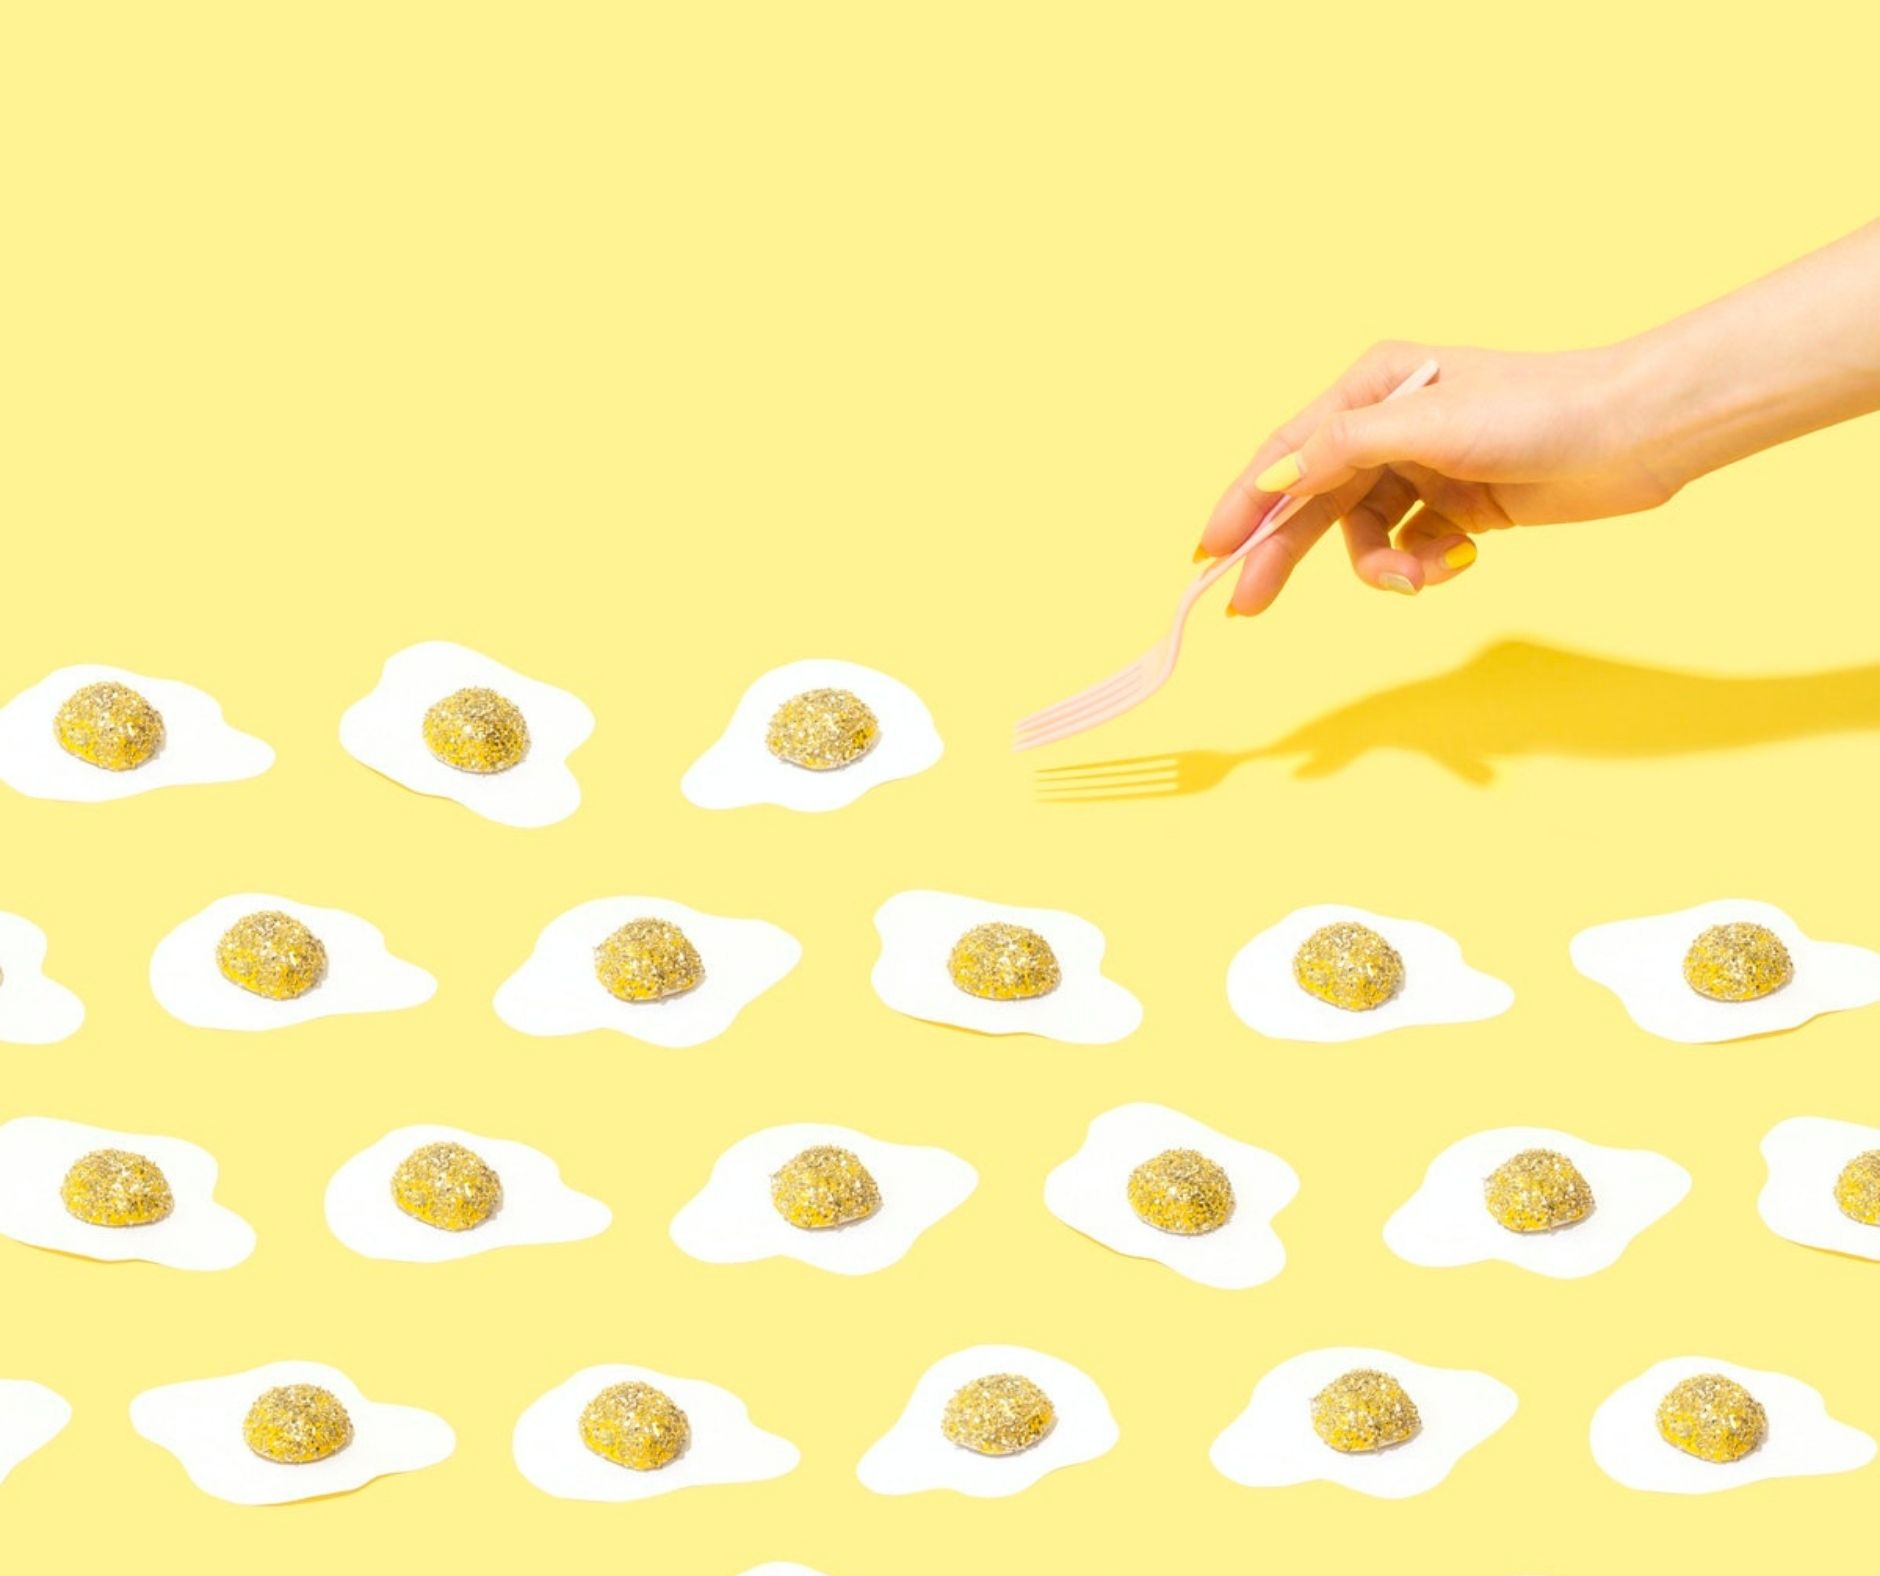 modi di dire sul cibo: uova, carne